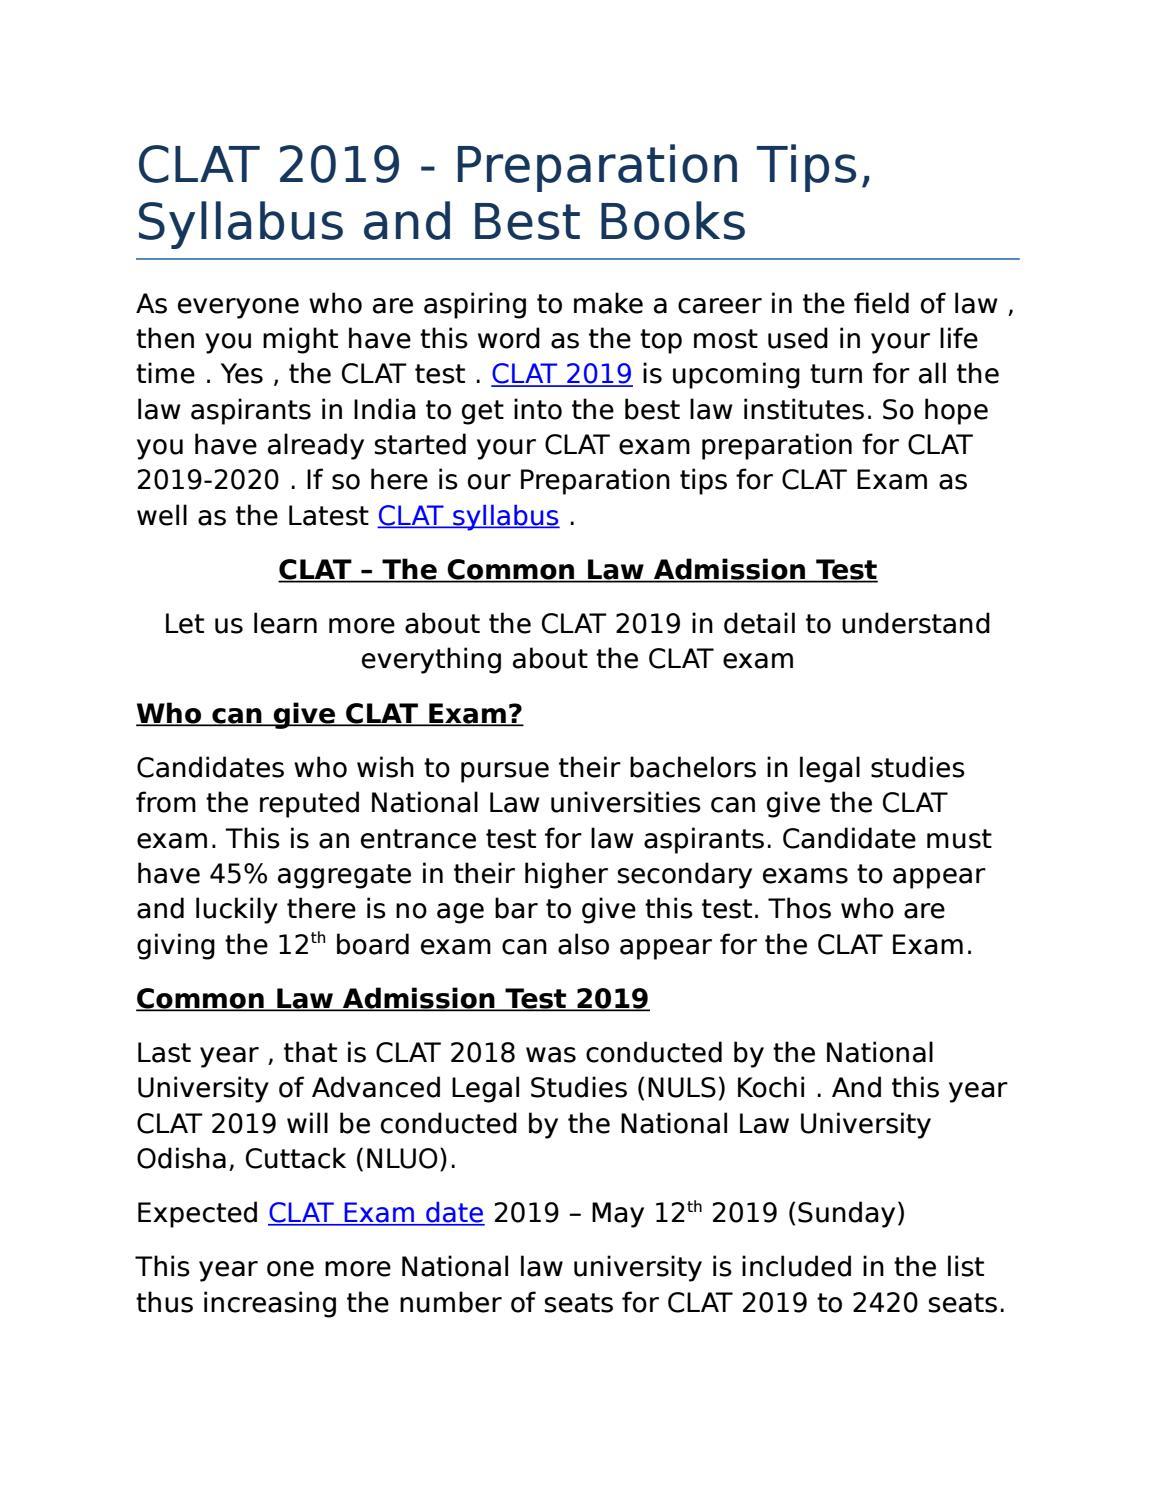 CLAT 2019 Exam Details by vineesh28 - issuu